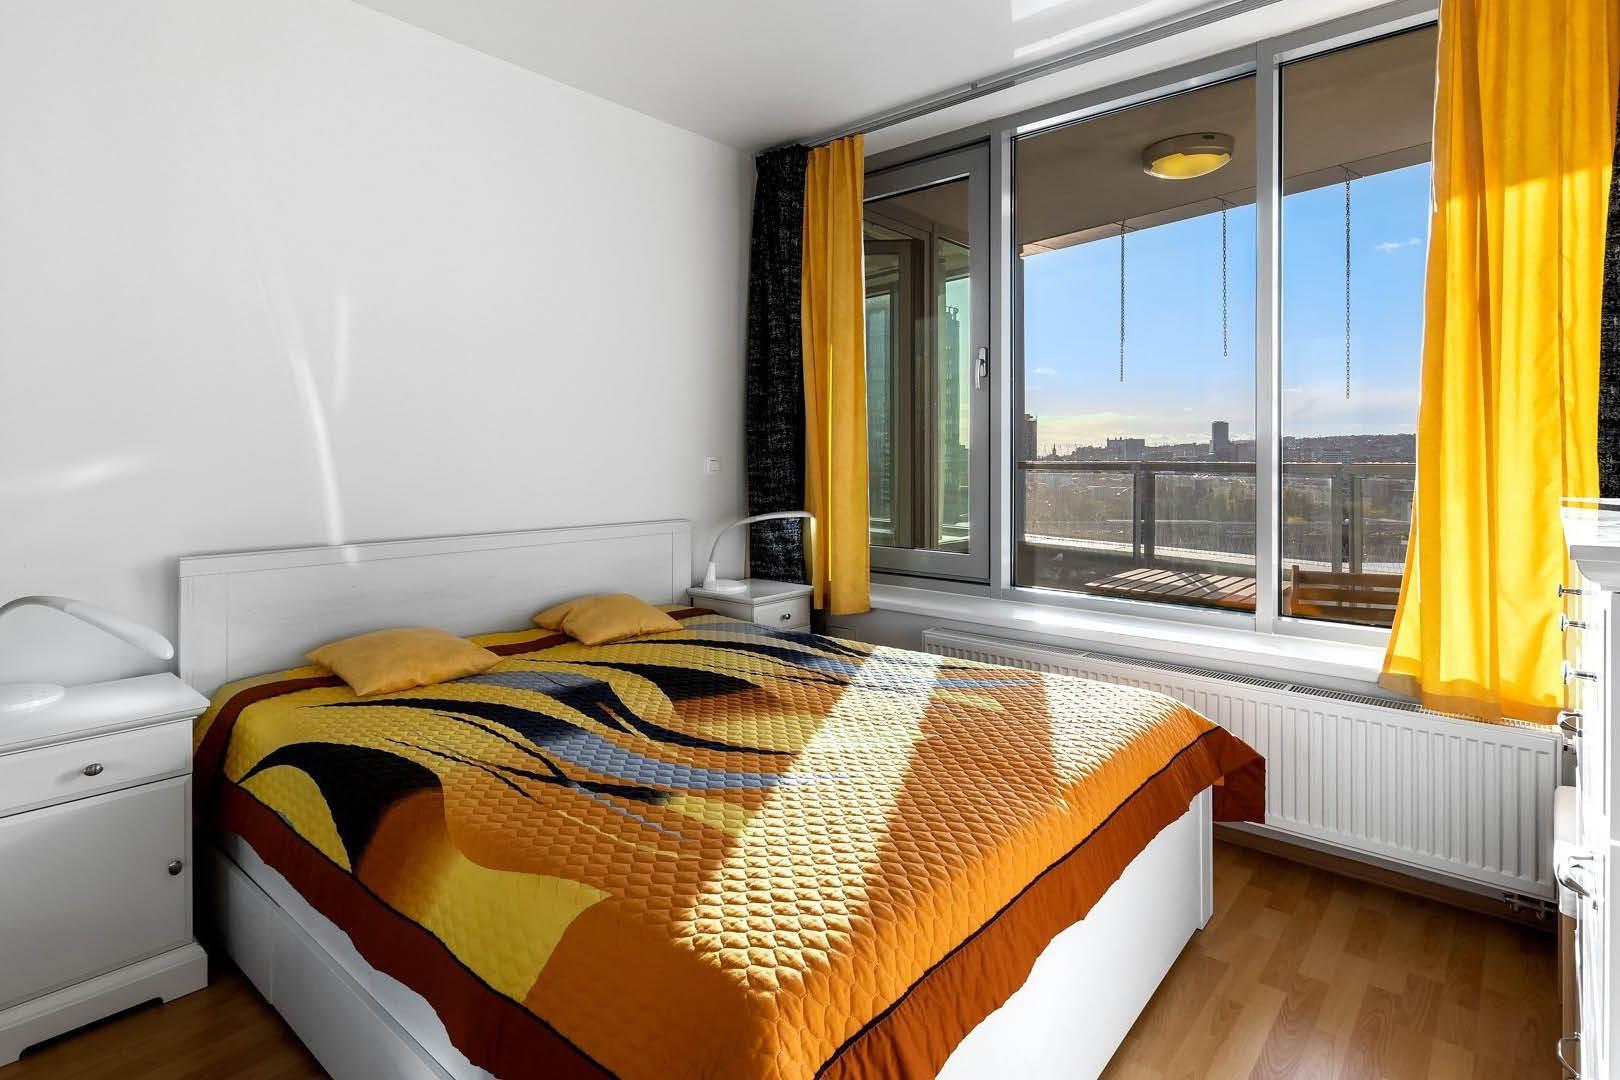 PREDANÉ | 3 izbový byt | Bajkalská, Bratislava